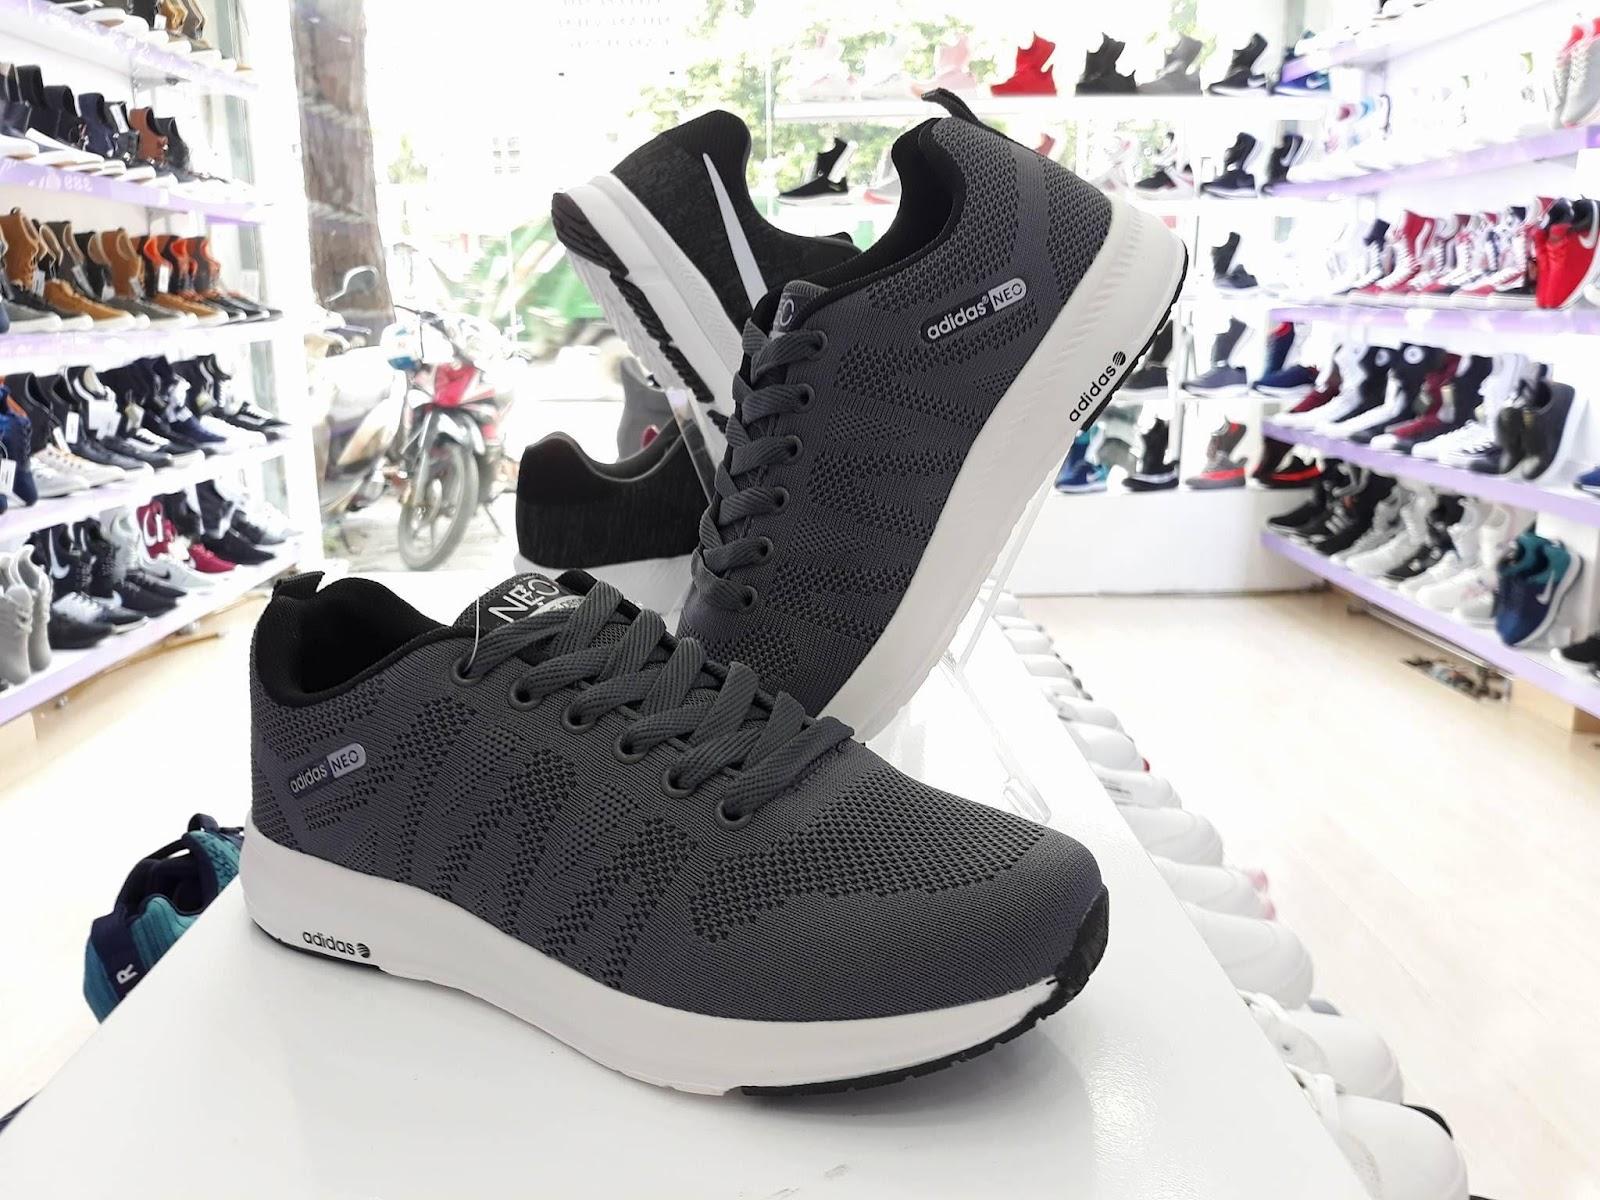 Kết quả hình ảnh cho shop giày thể thao giá rẻ